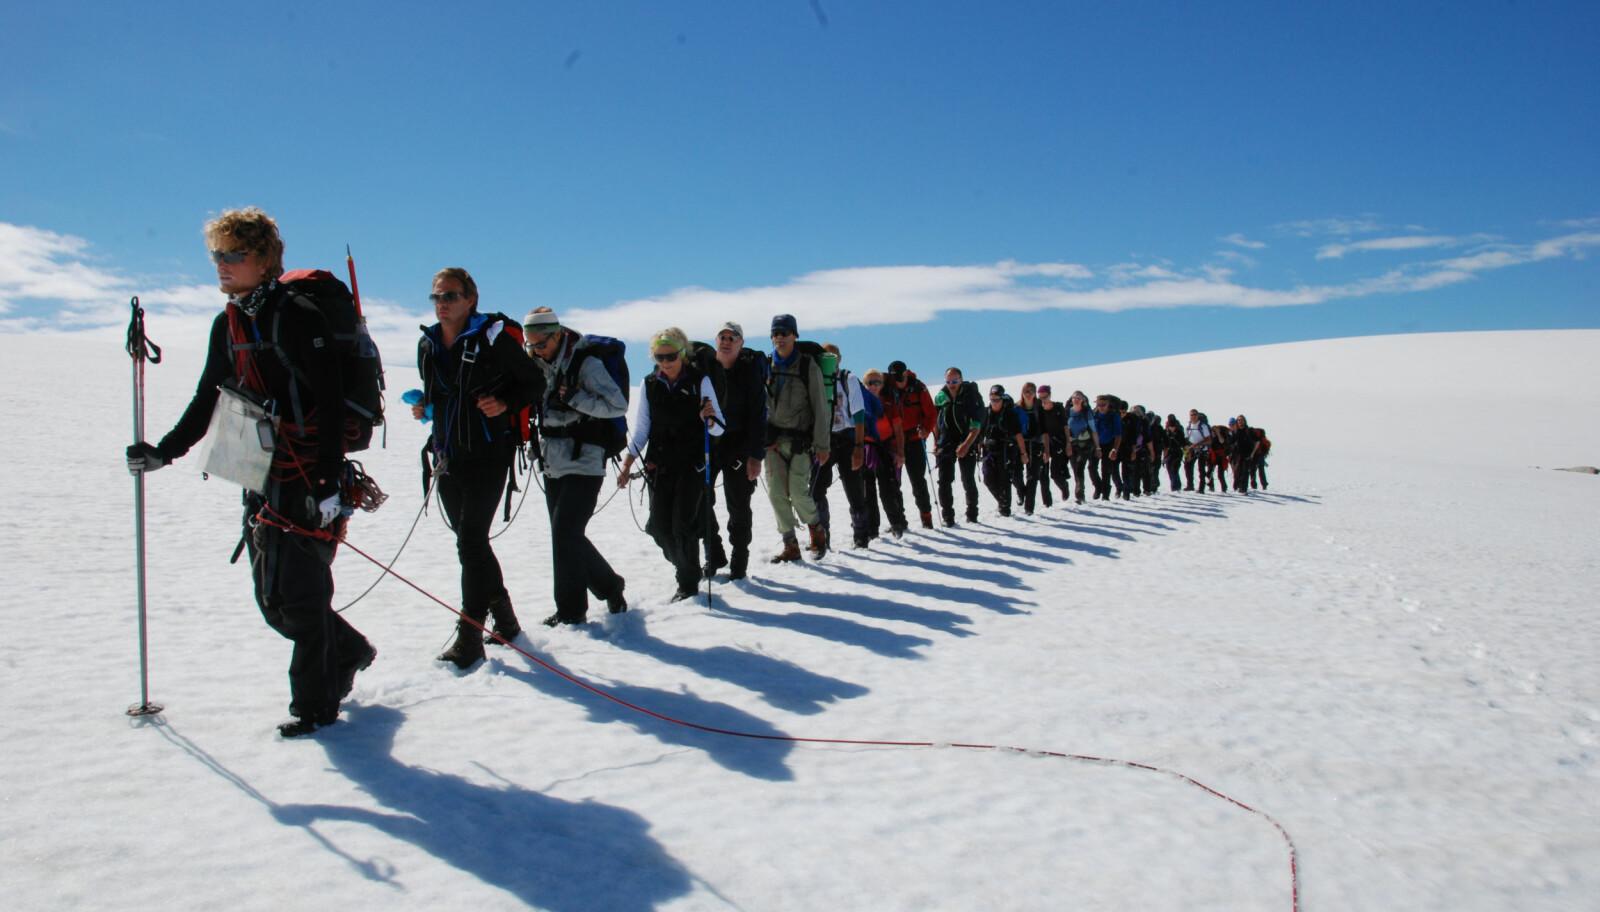 Turen går fra Sundal i Mauranger til Sørfjorden i Hardanger over Folgefonna. Man må gå med fører for å krysse breen.